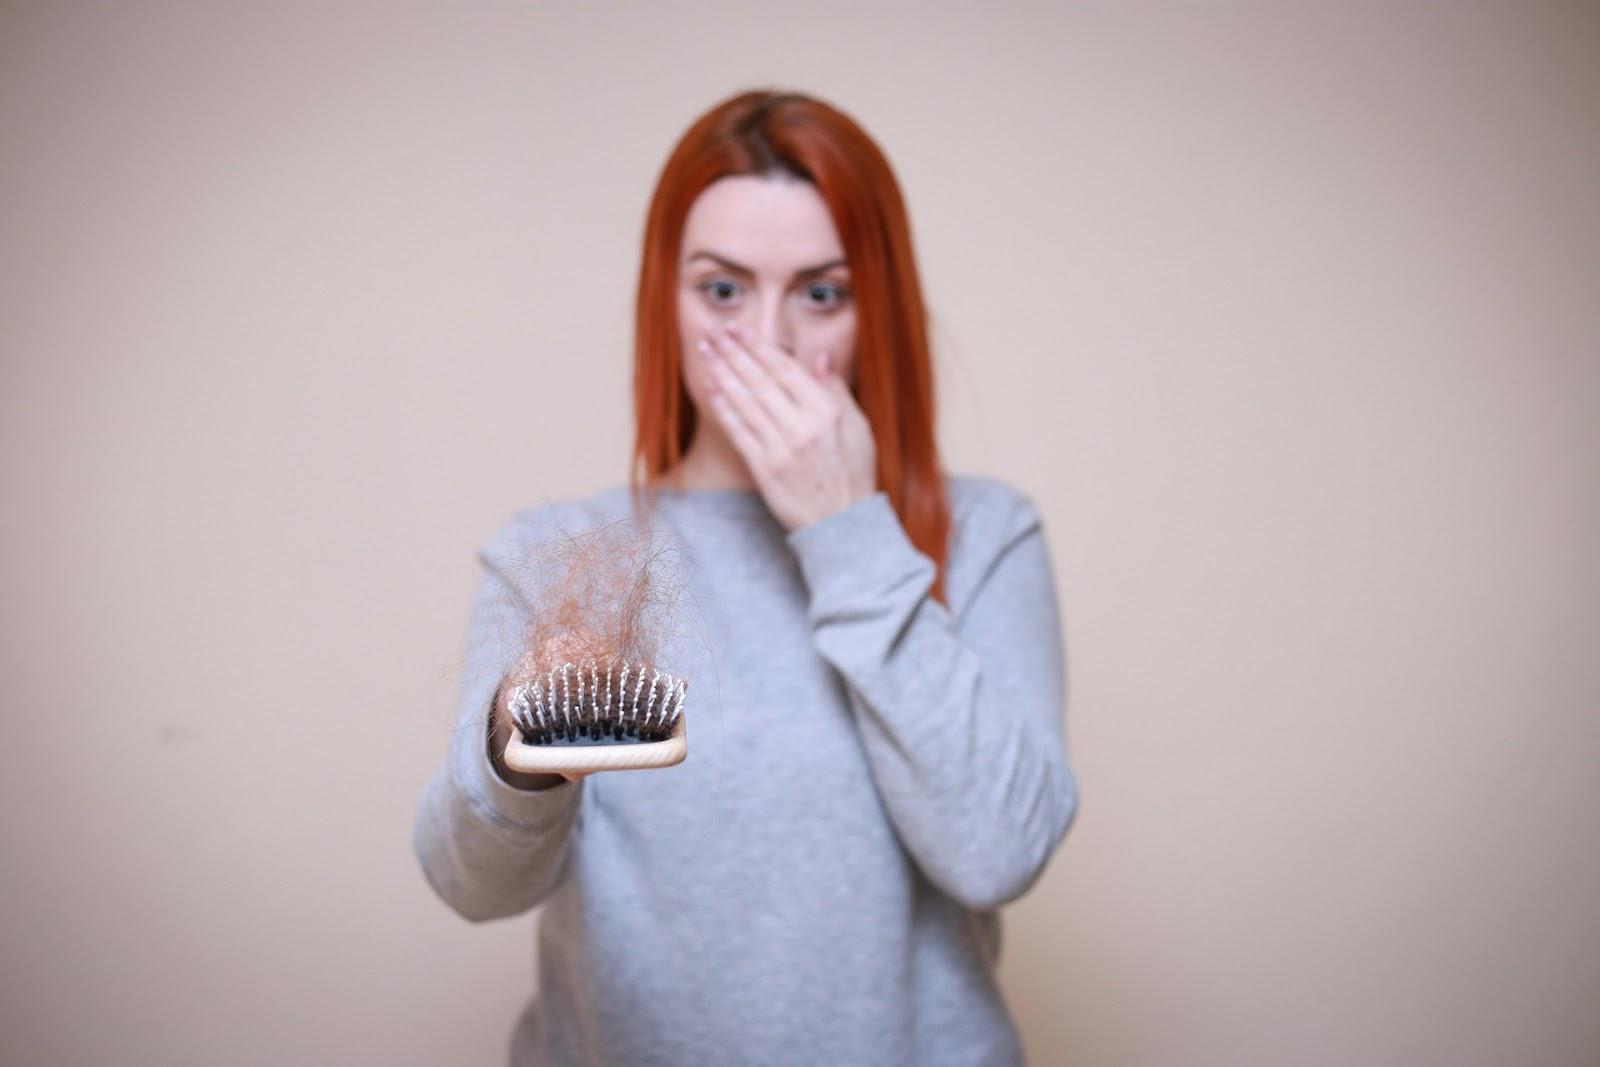 الشعر ، تساقط الشعر، نمو الشعر، العناية بشعر، غذاء الشعر  ،  شامبو الشعر